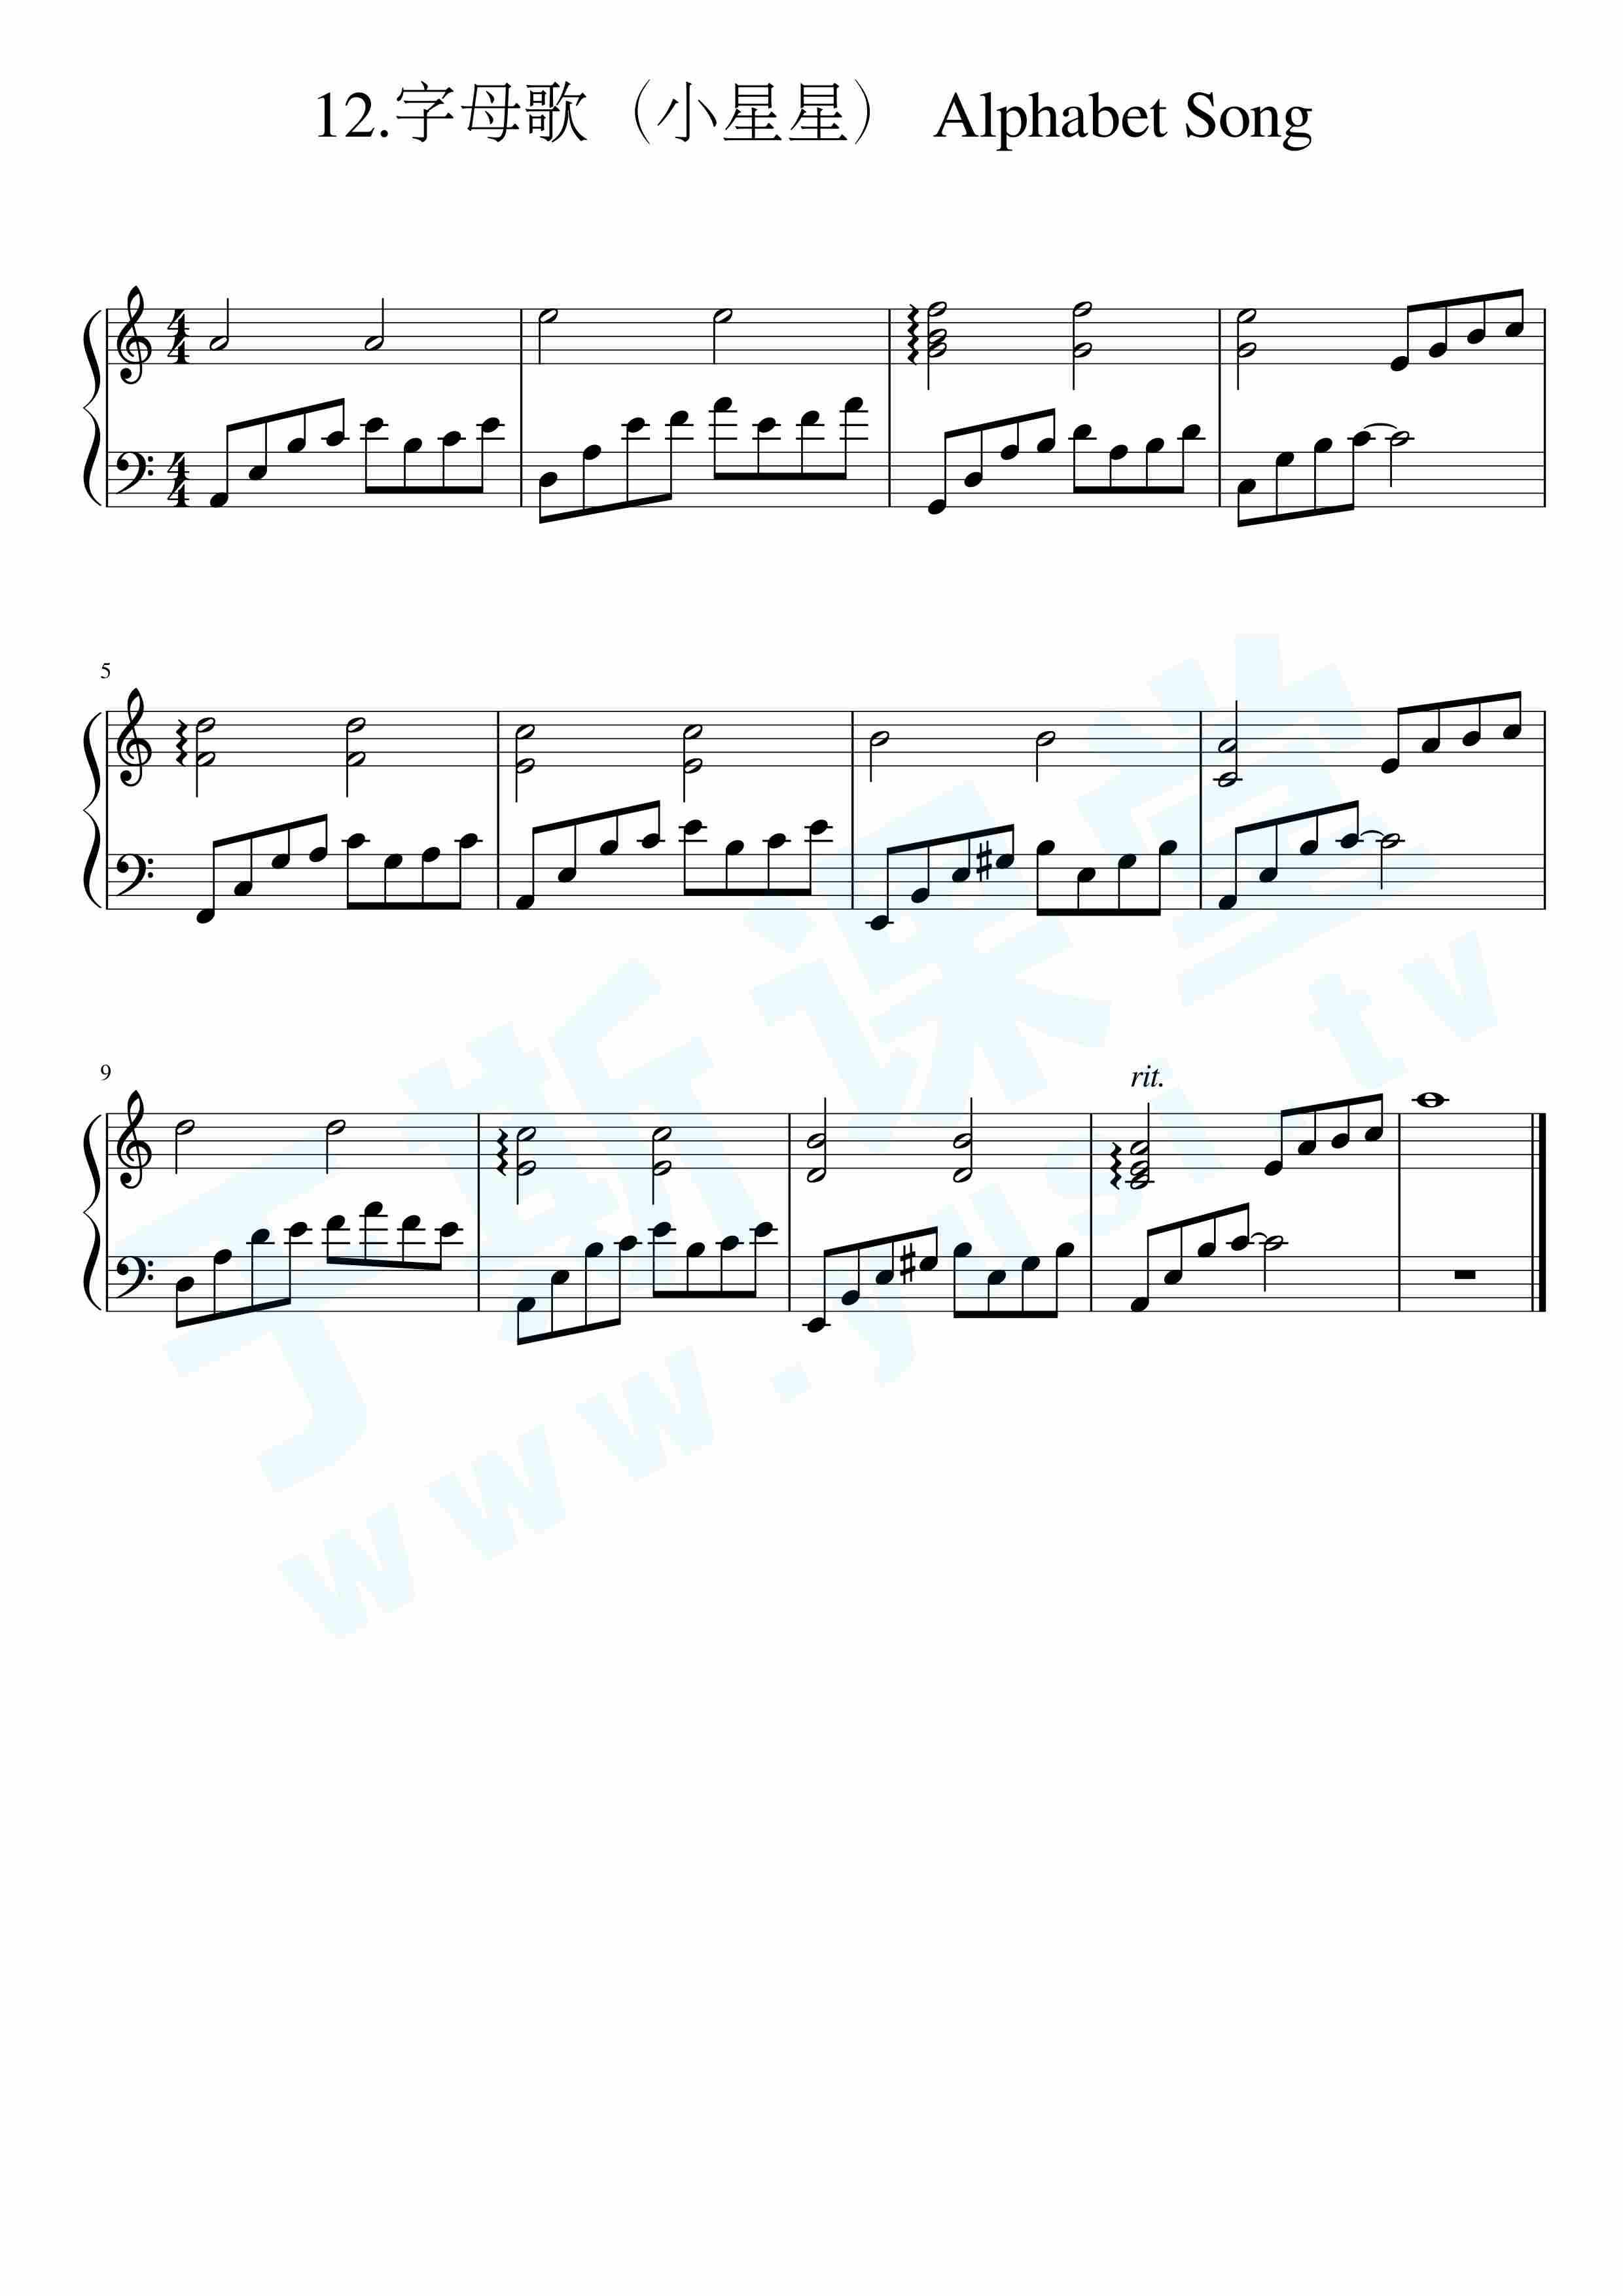 小星星钢琴简谱图片图片